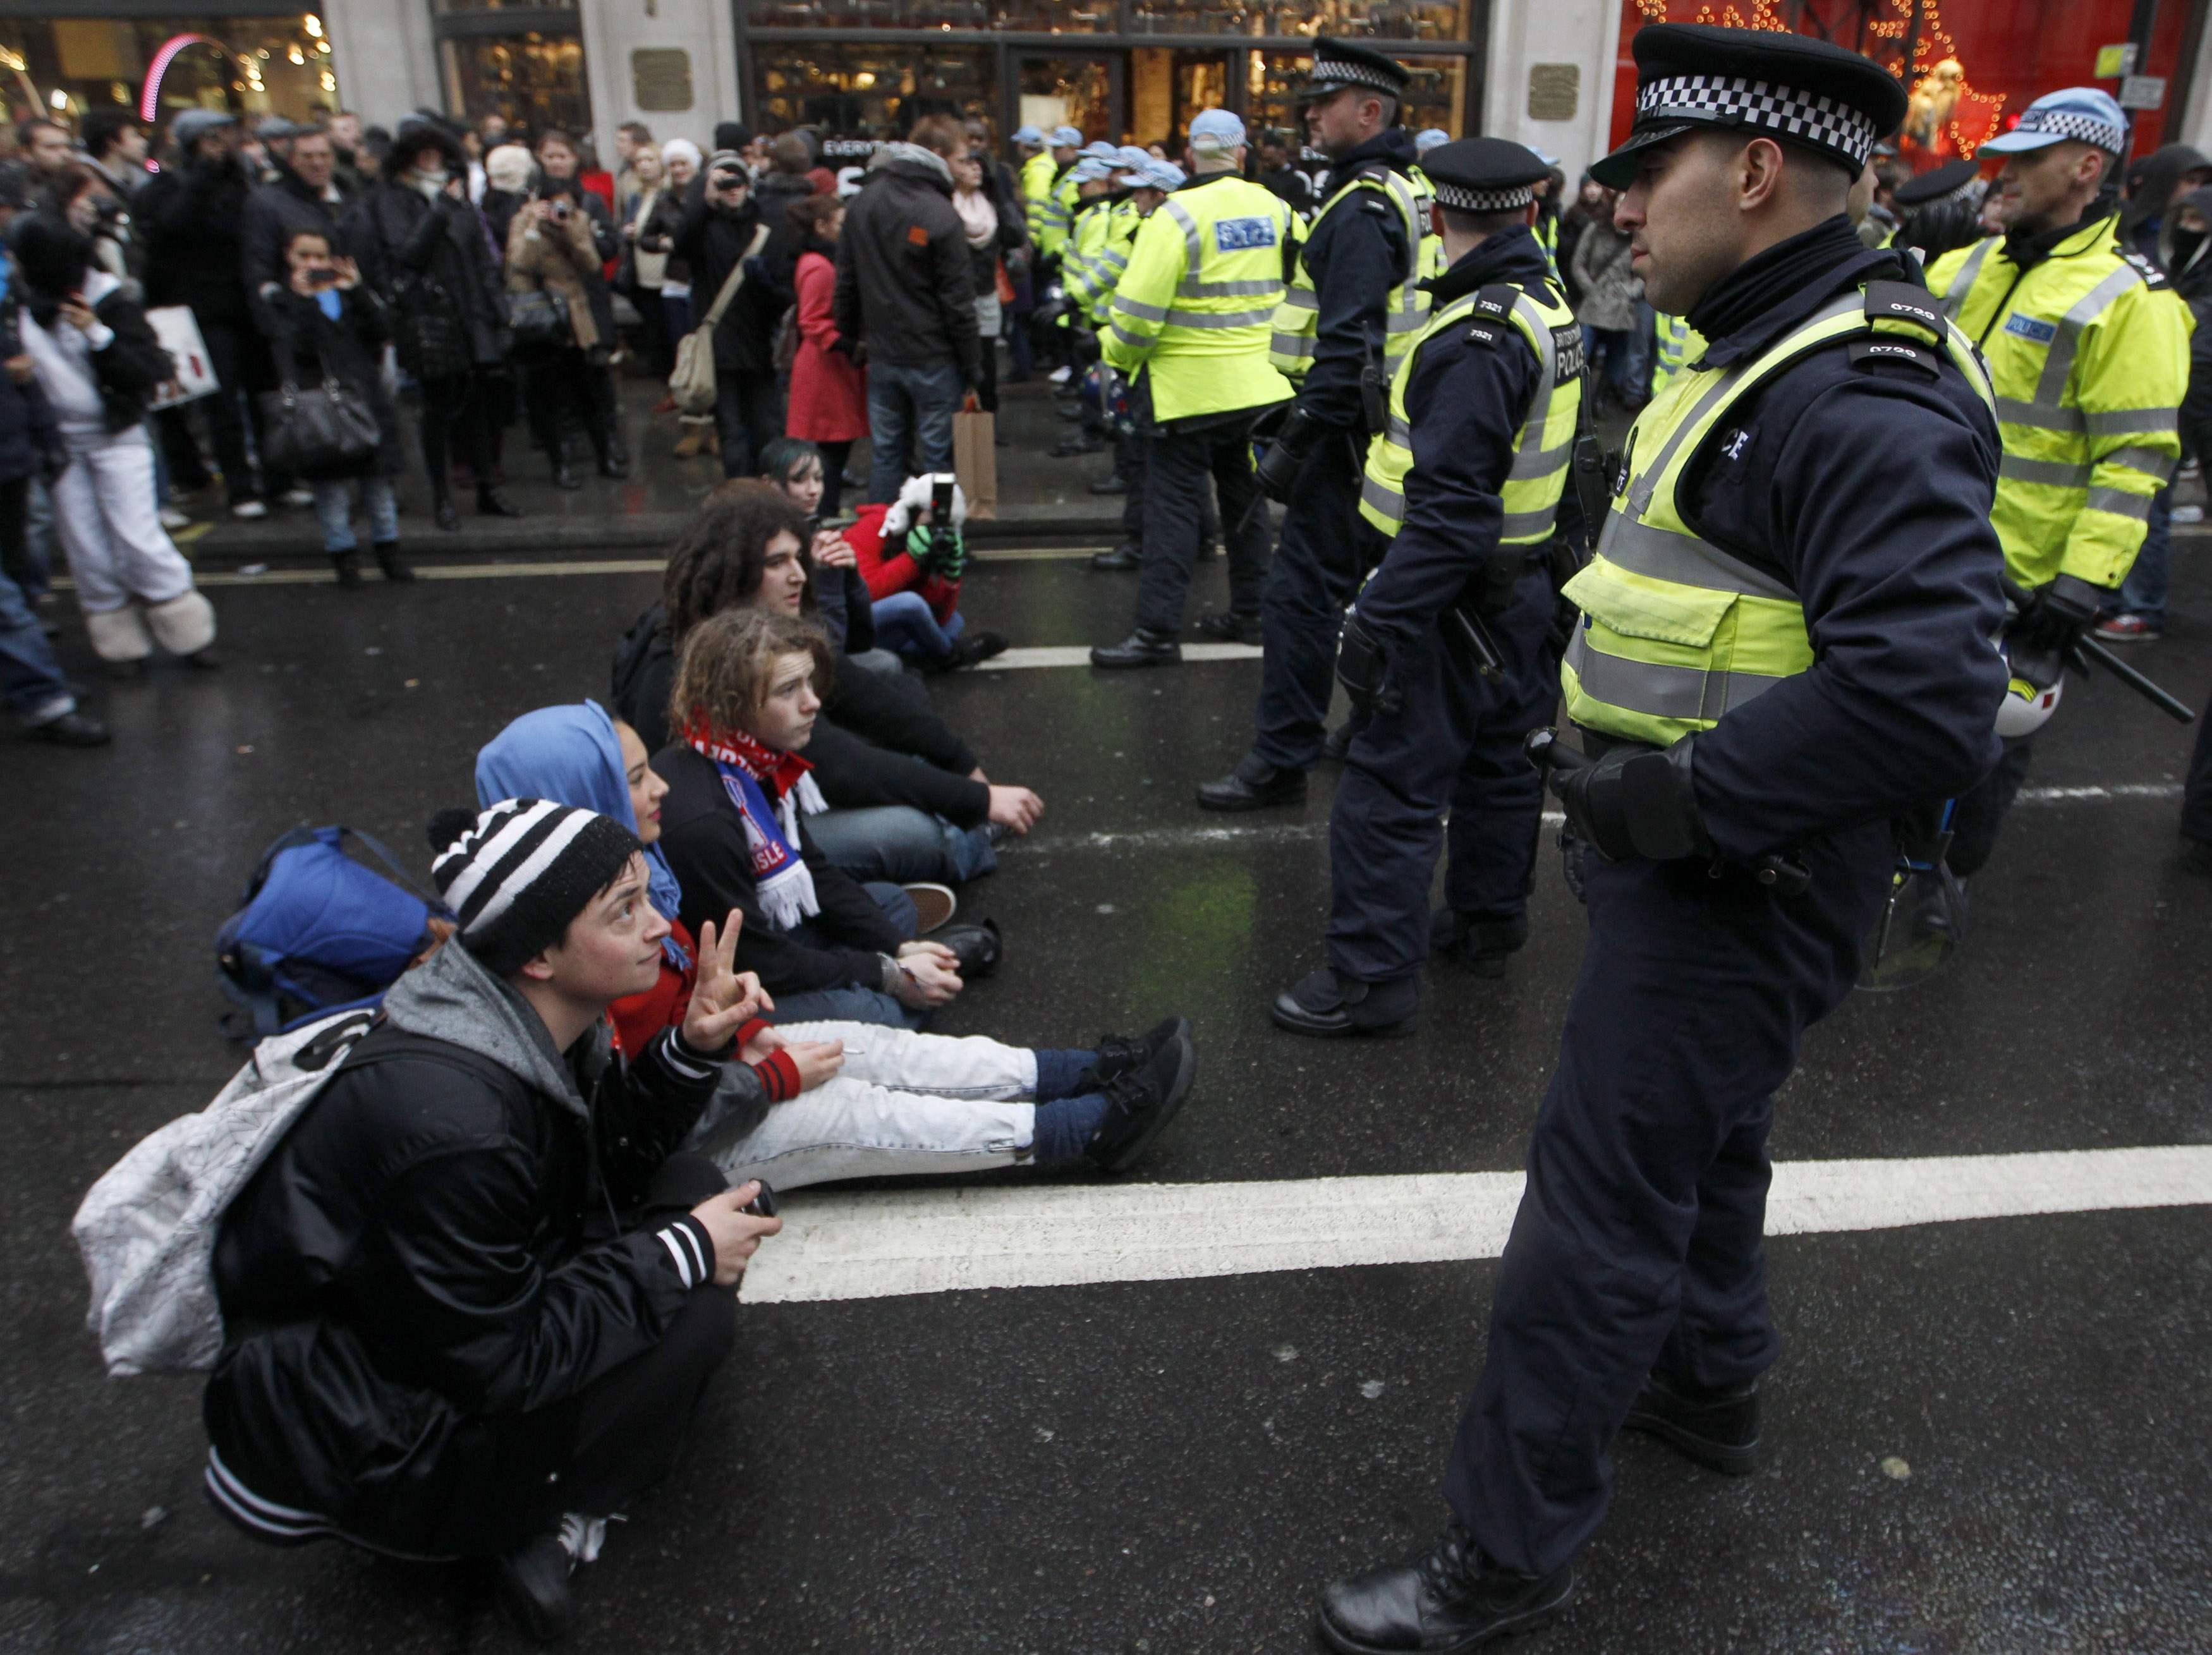 Αστυνομία και διαδηλωτές σε θέσεις μάχεις - ΦΩΤΟ REUTERS